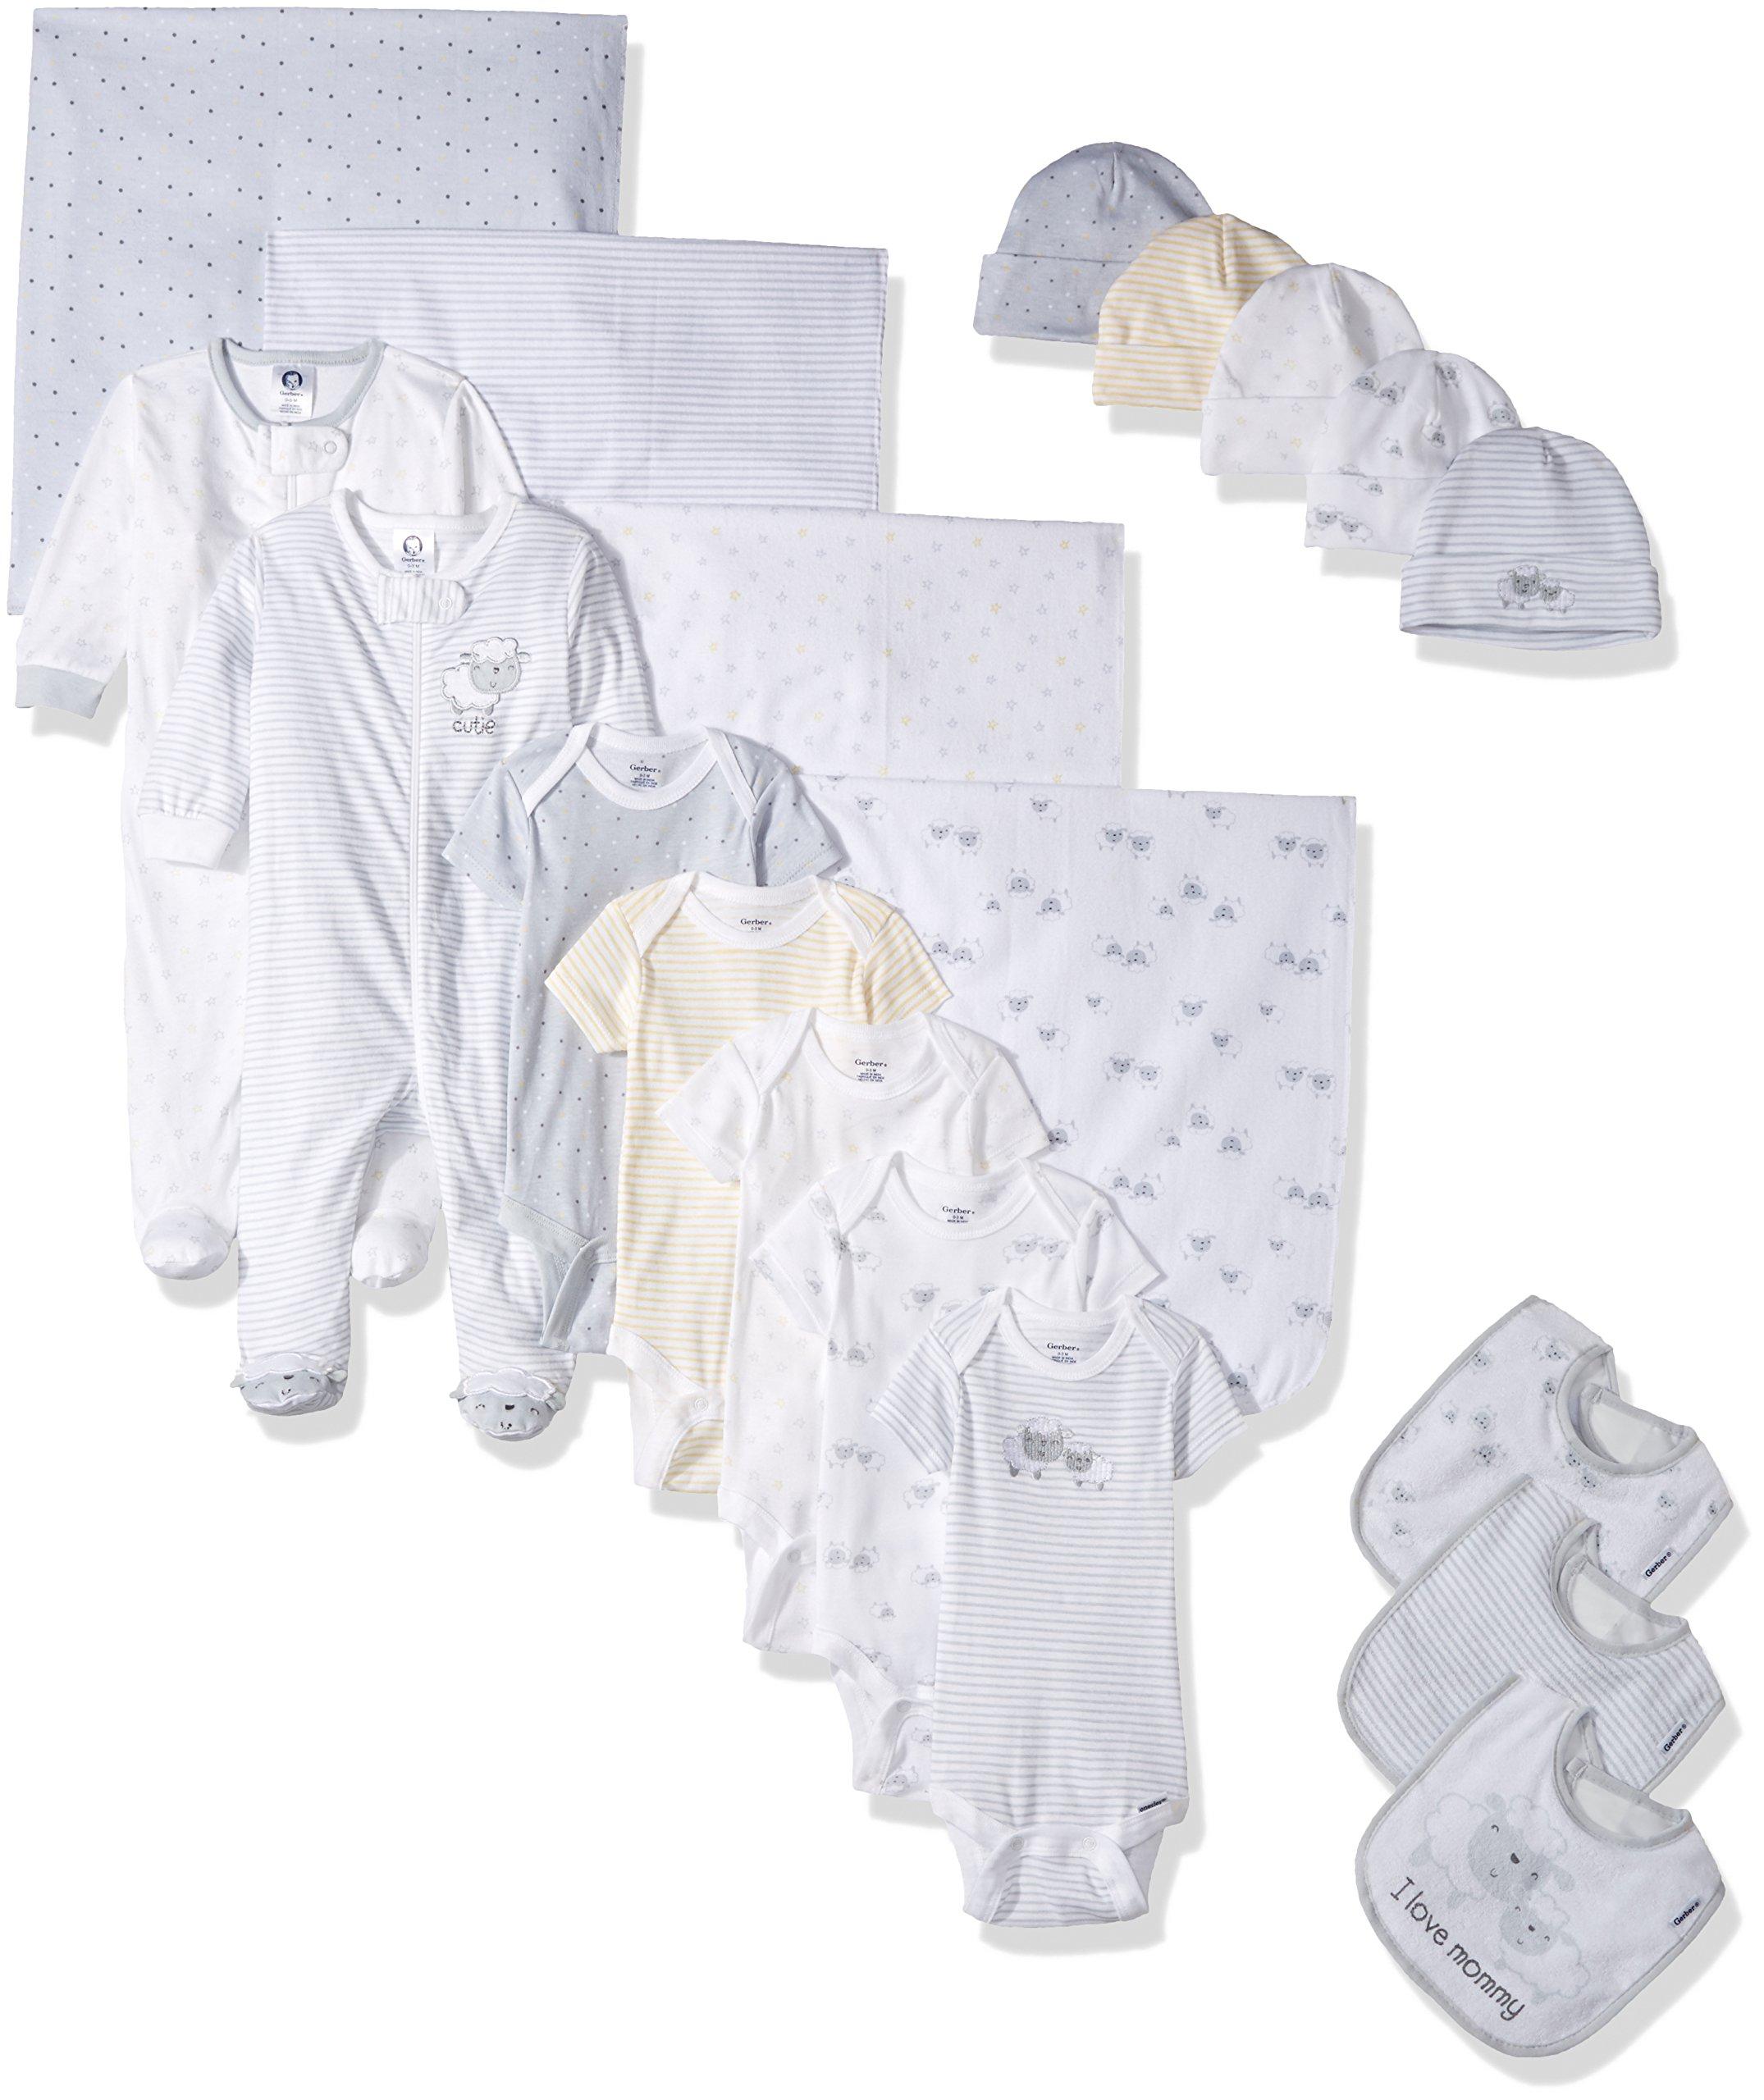 Gerber Baby Girls 19 Piece Essentials Gift Set, Lil' Lamb, 0-3M: Onesies/Sleep 'n Play, 0-6M: Cap, One Size: Bib/Blanket by Gerber